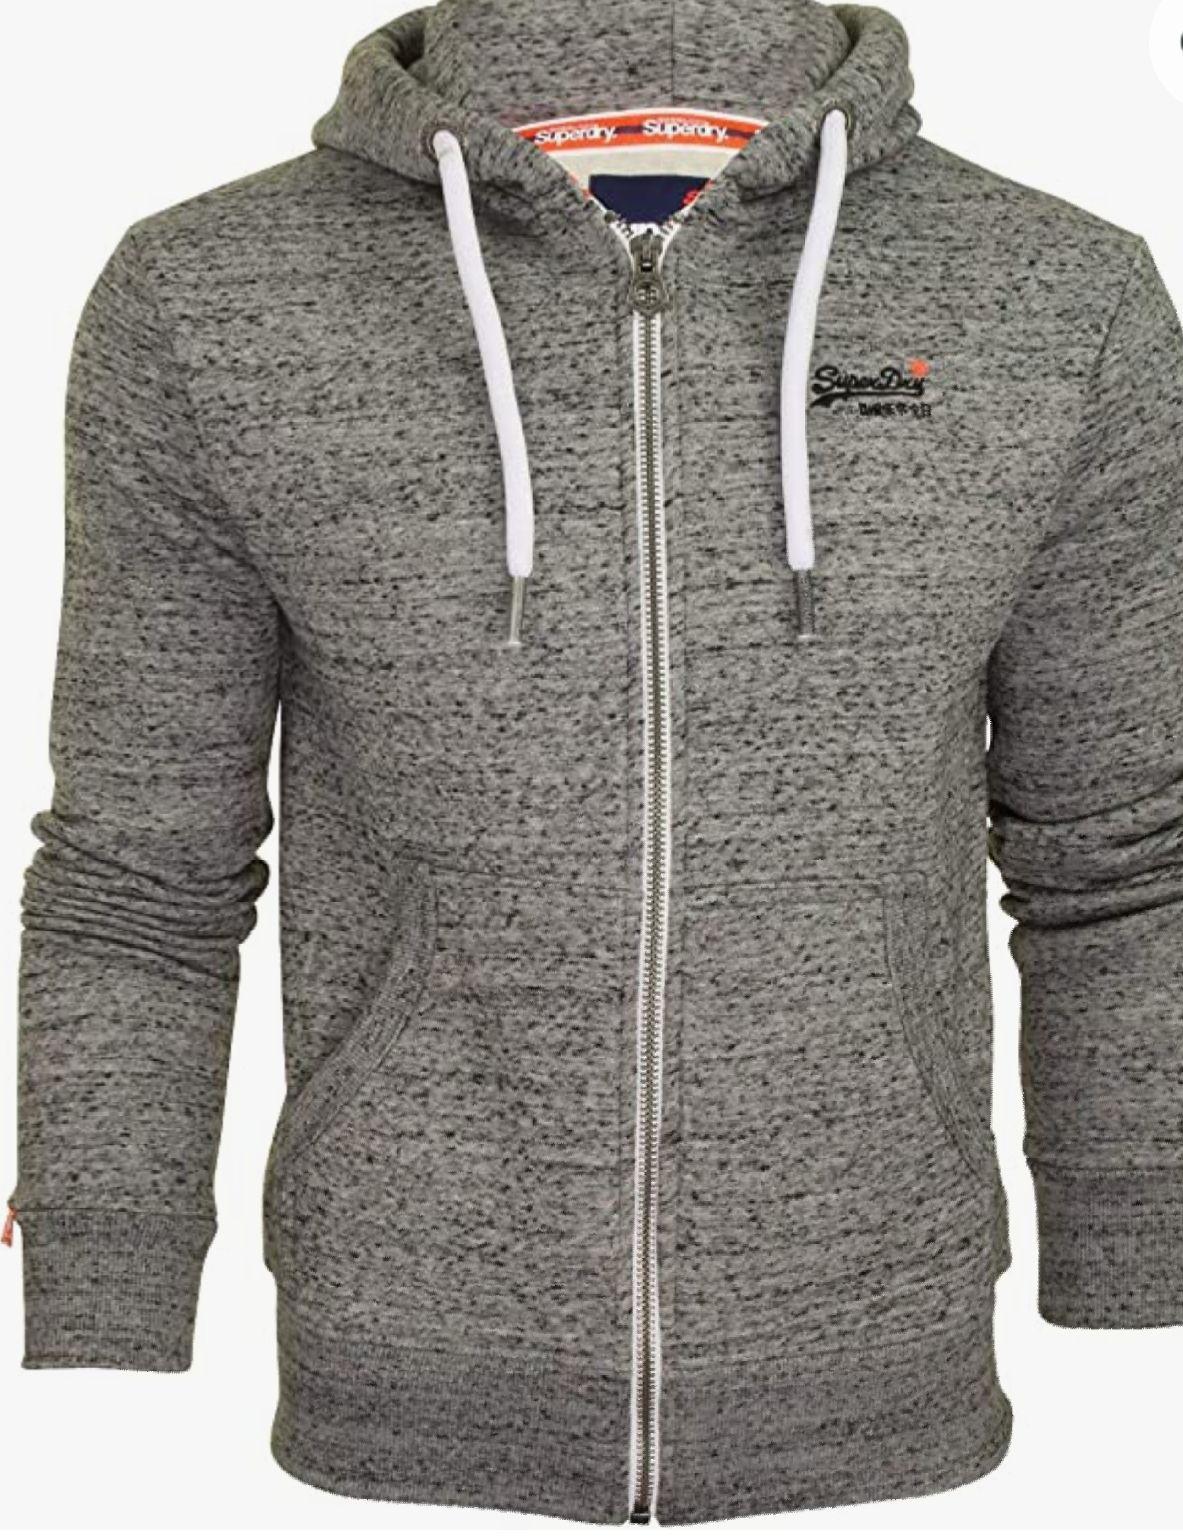 Superdry Men's Orange Label Ziphood Hooded Sweatshirt in XS or S - £35 at Amazon